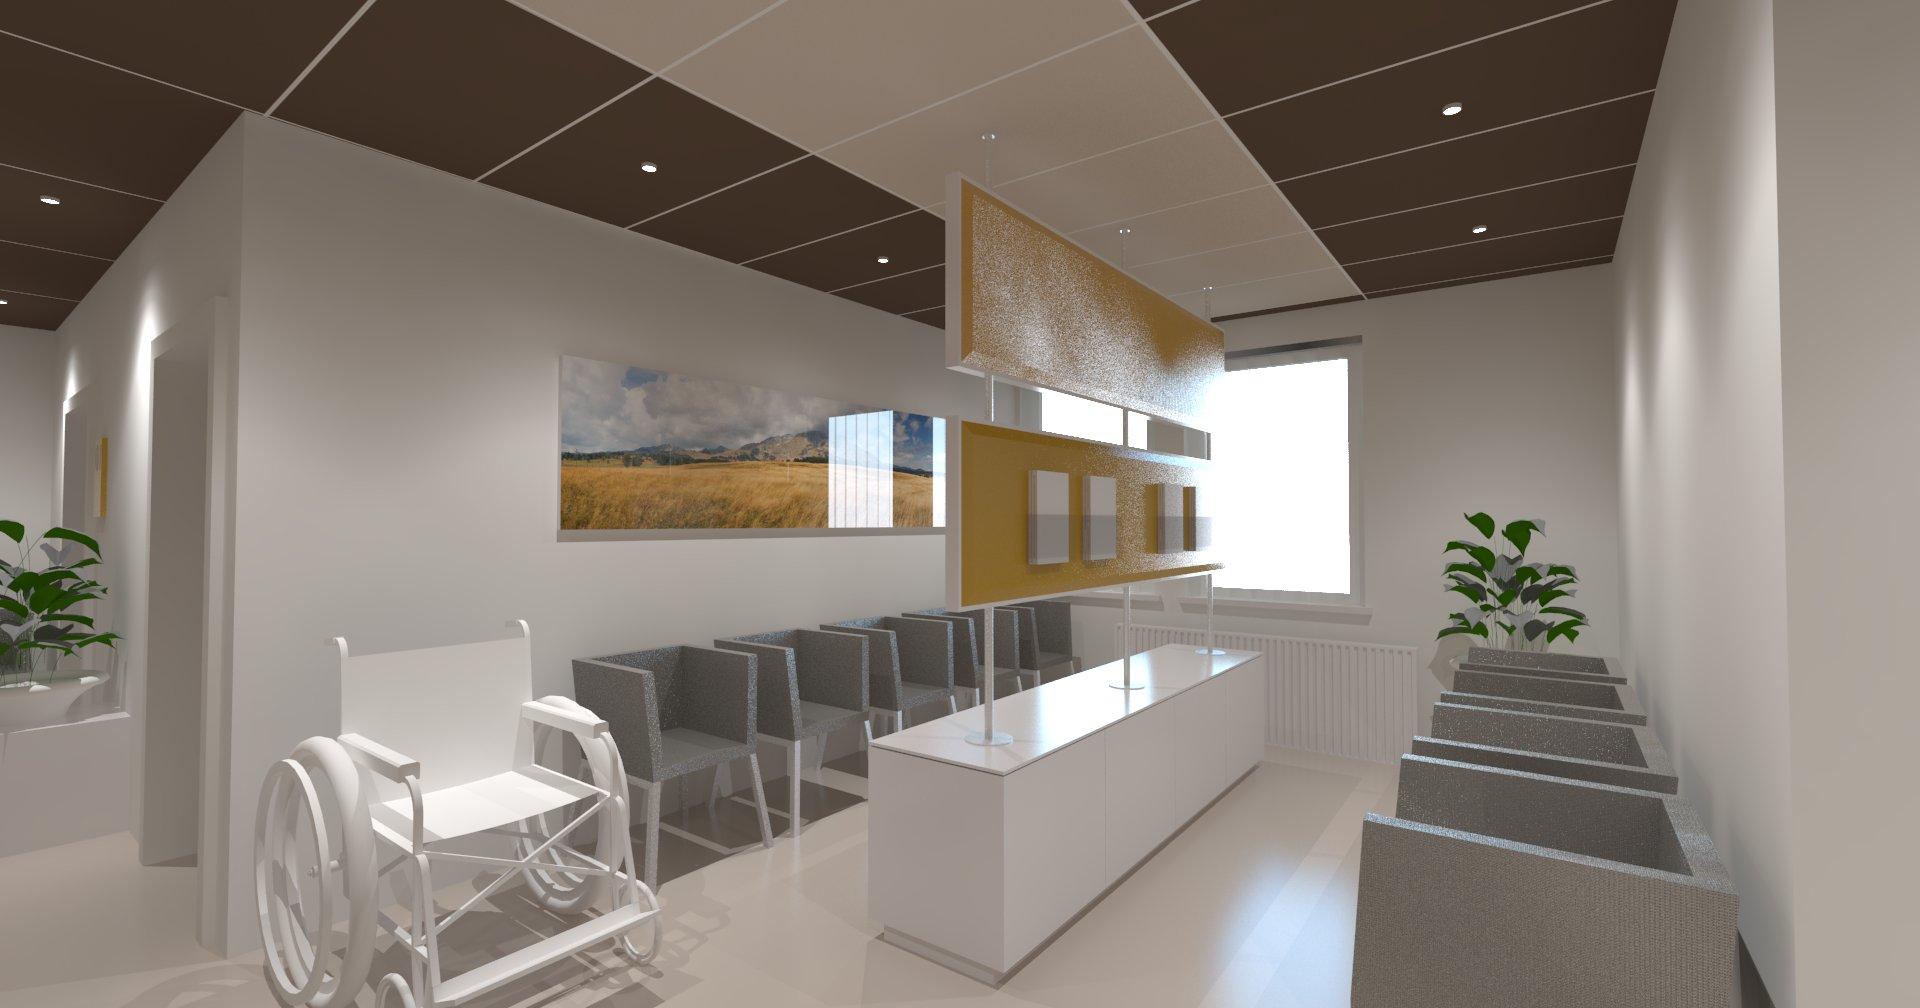 konzeptpraxis neurologie in leipzig west innenarchitektur shops praxis wohnen kreuterweiss. Black Bedroom Furniture Sets. Home Design Ideas